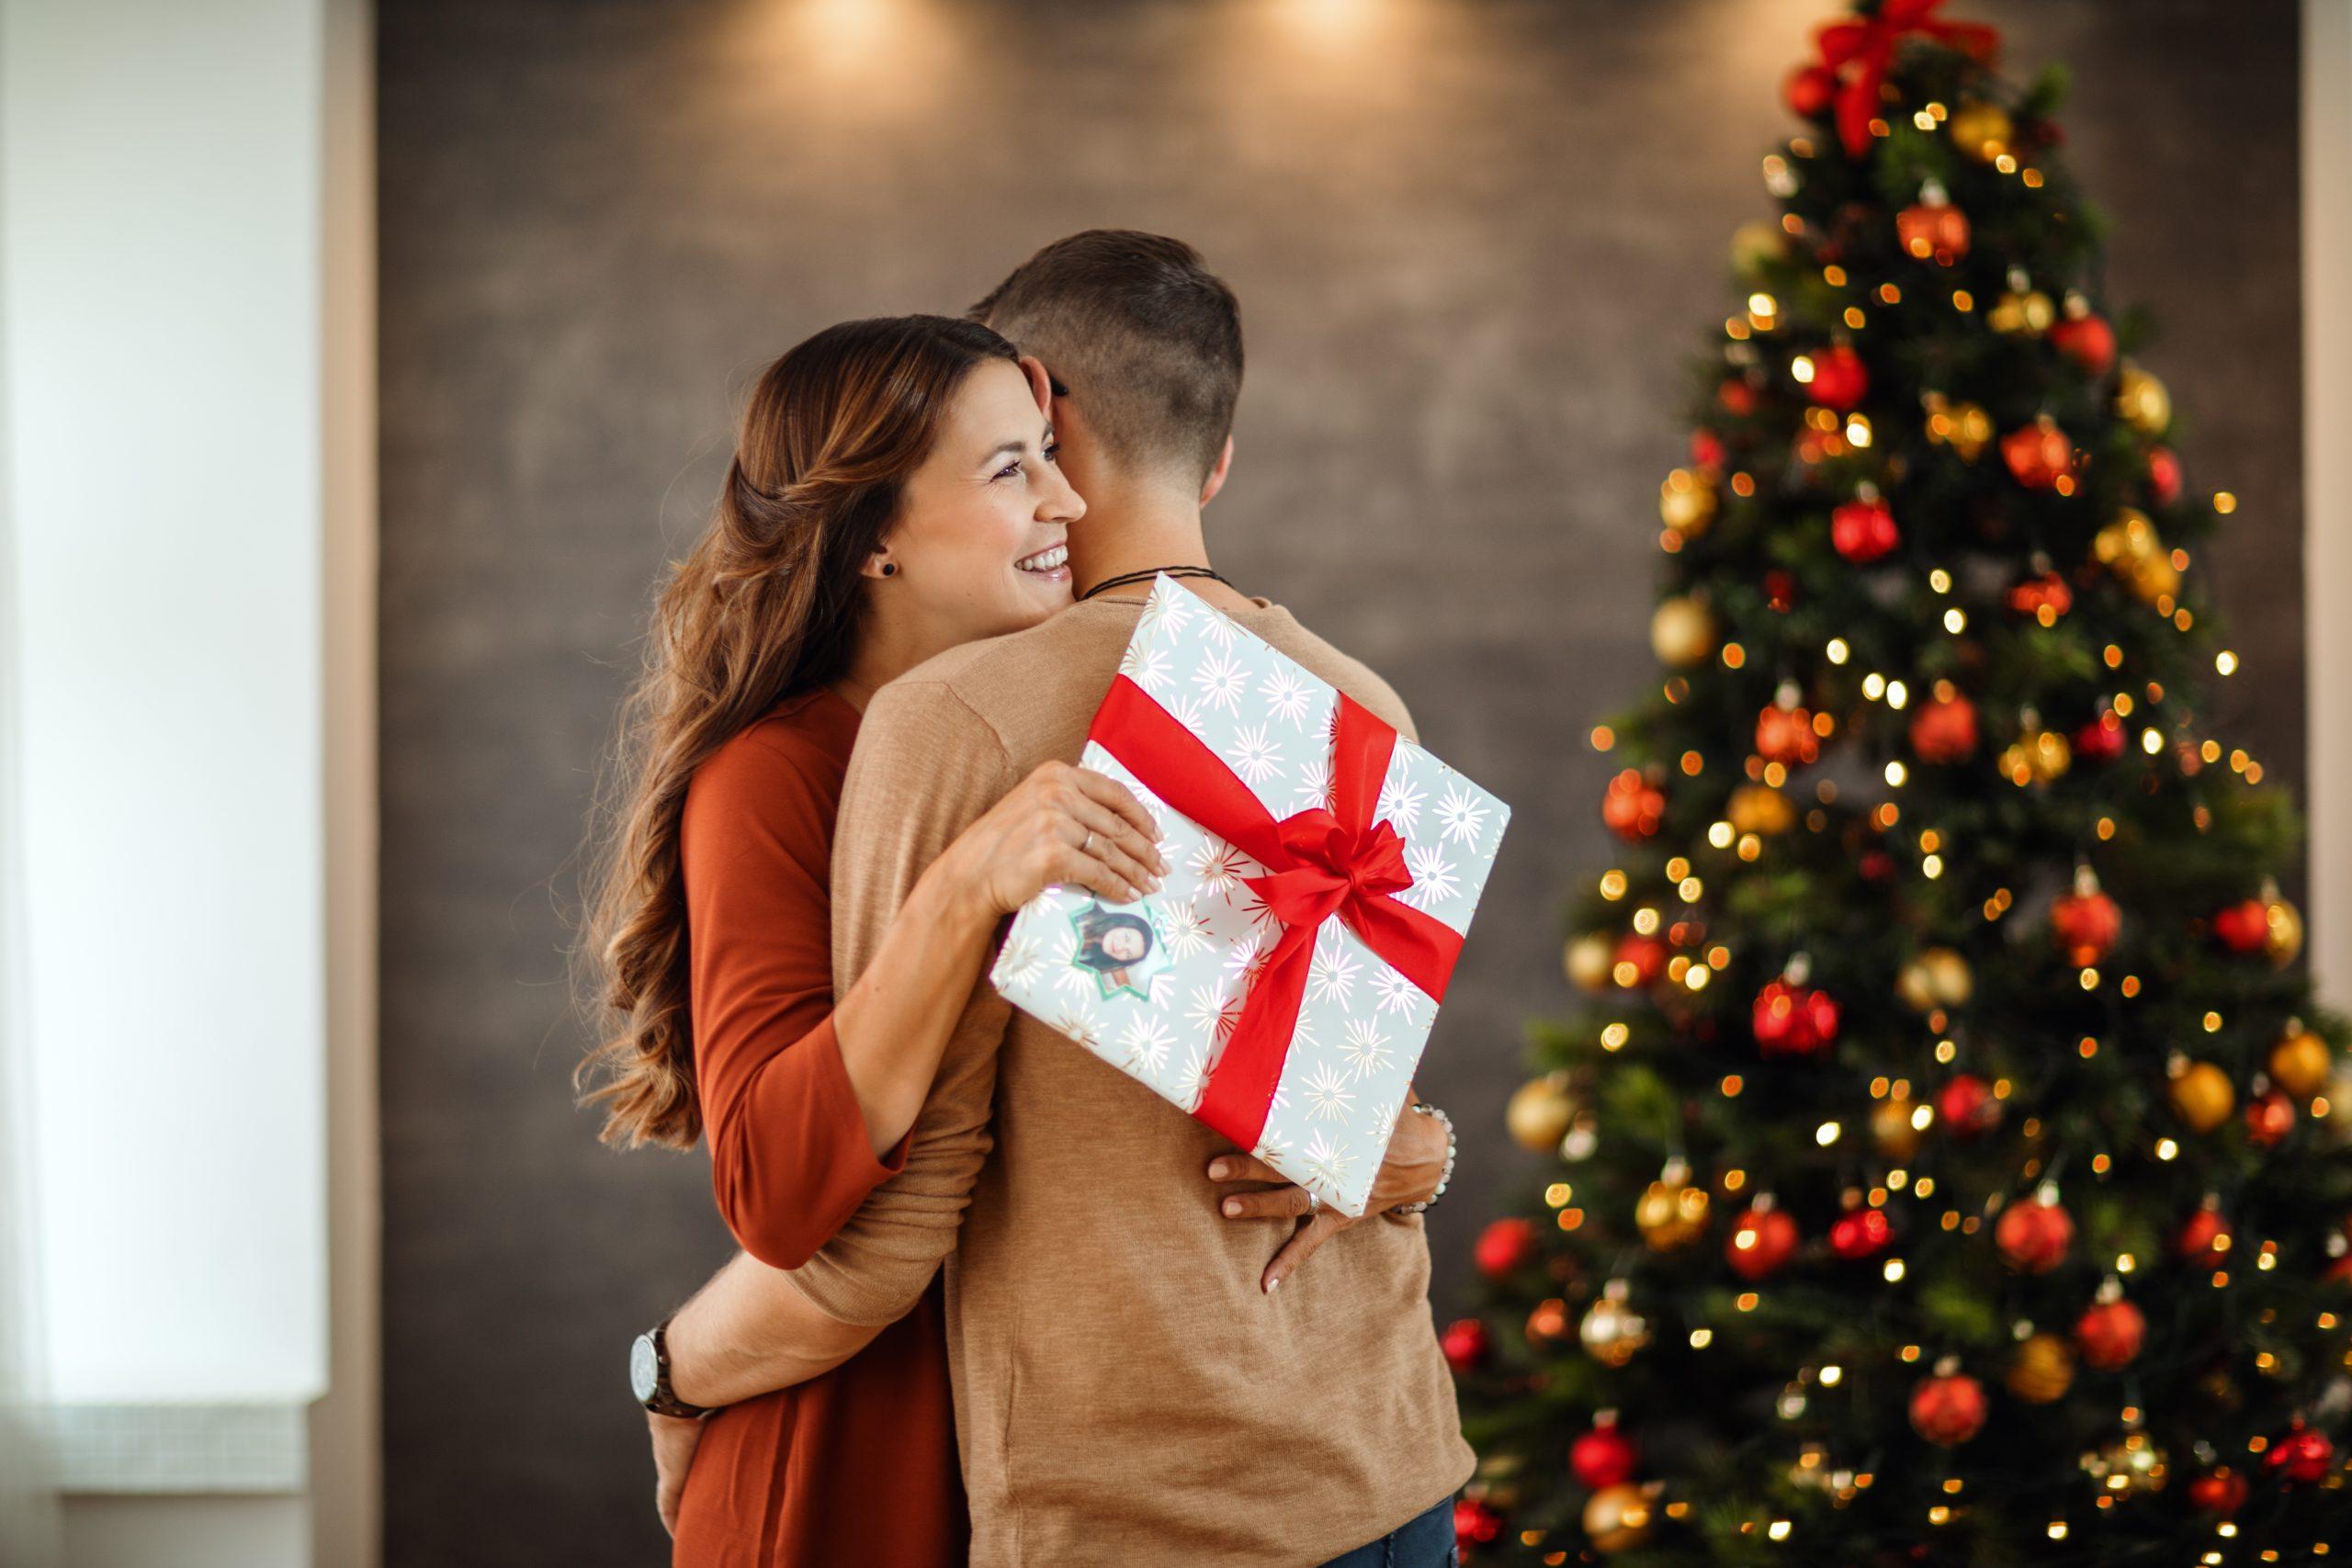 žena, rodina, fotokniha, vánoce